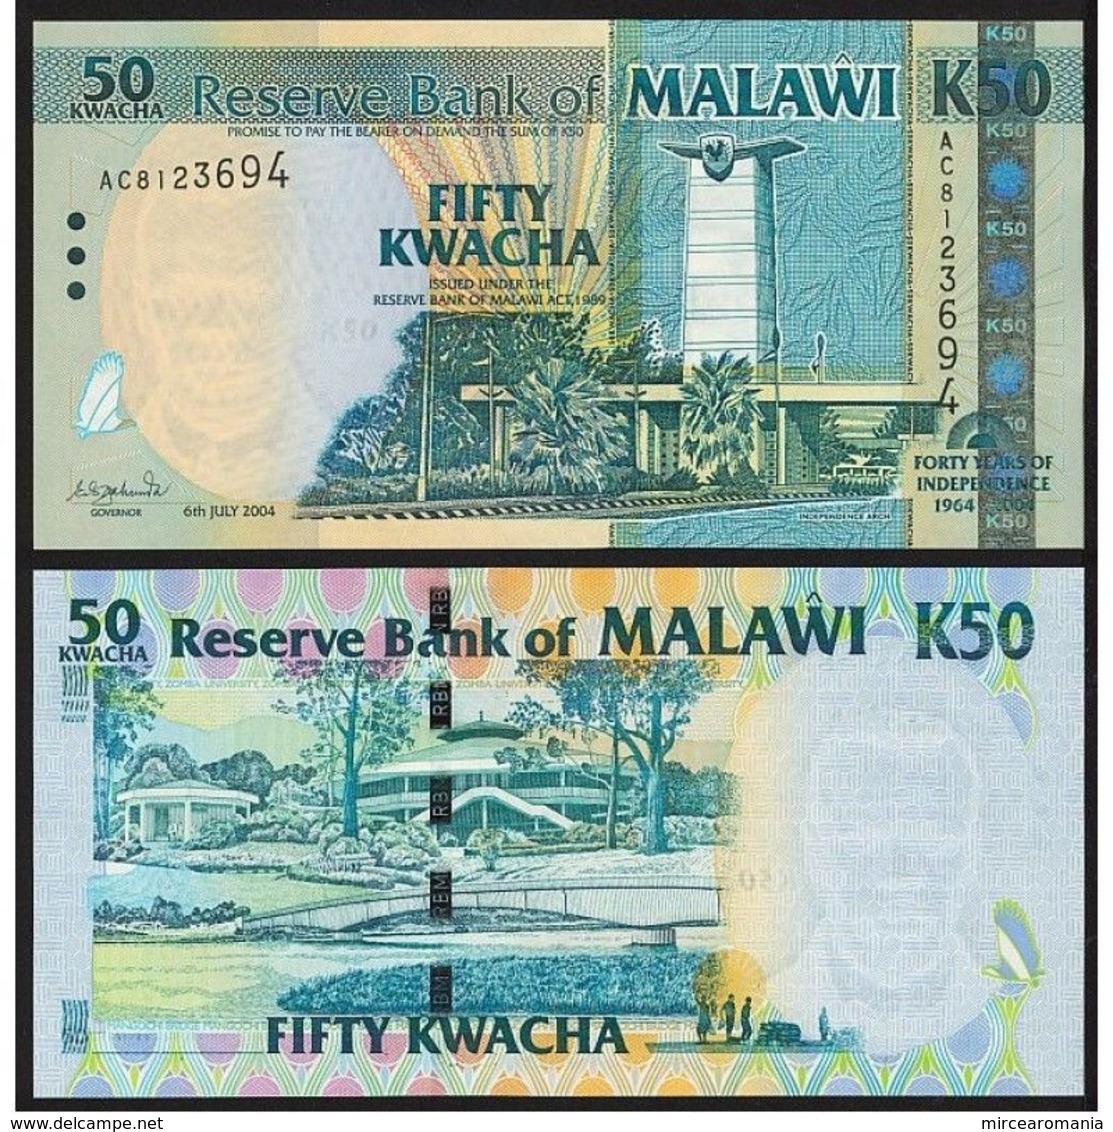 MALAWI - 50 KWACHA - 2004 – COMEMORATIVA - UNC - Malawi